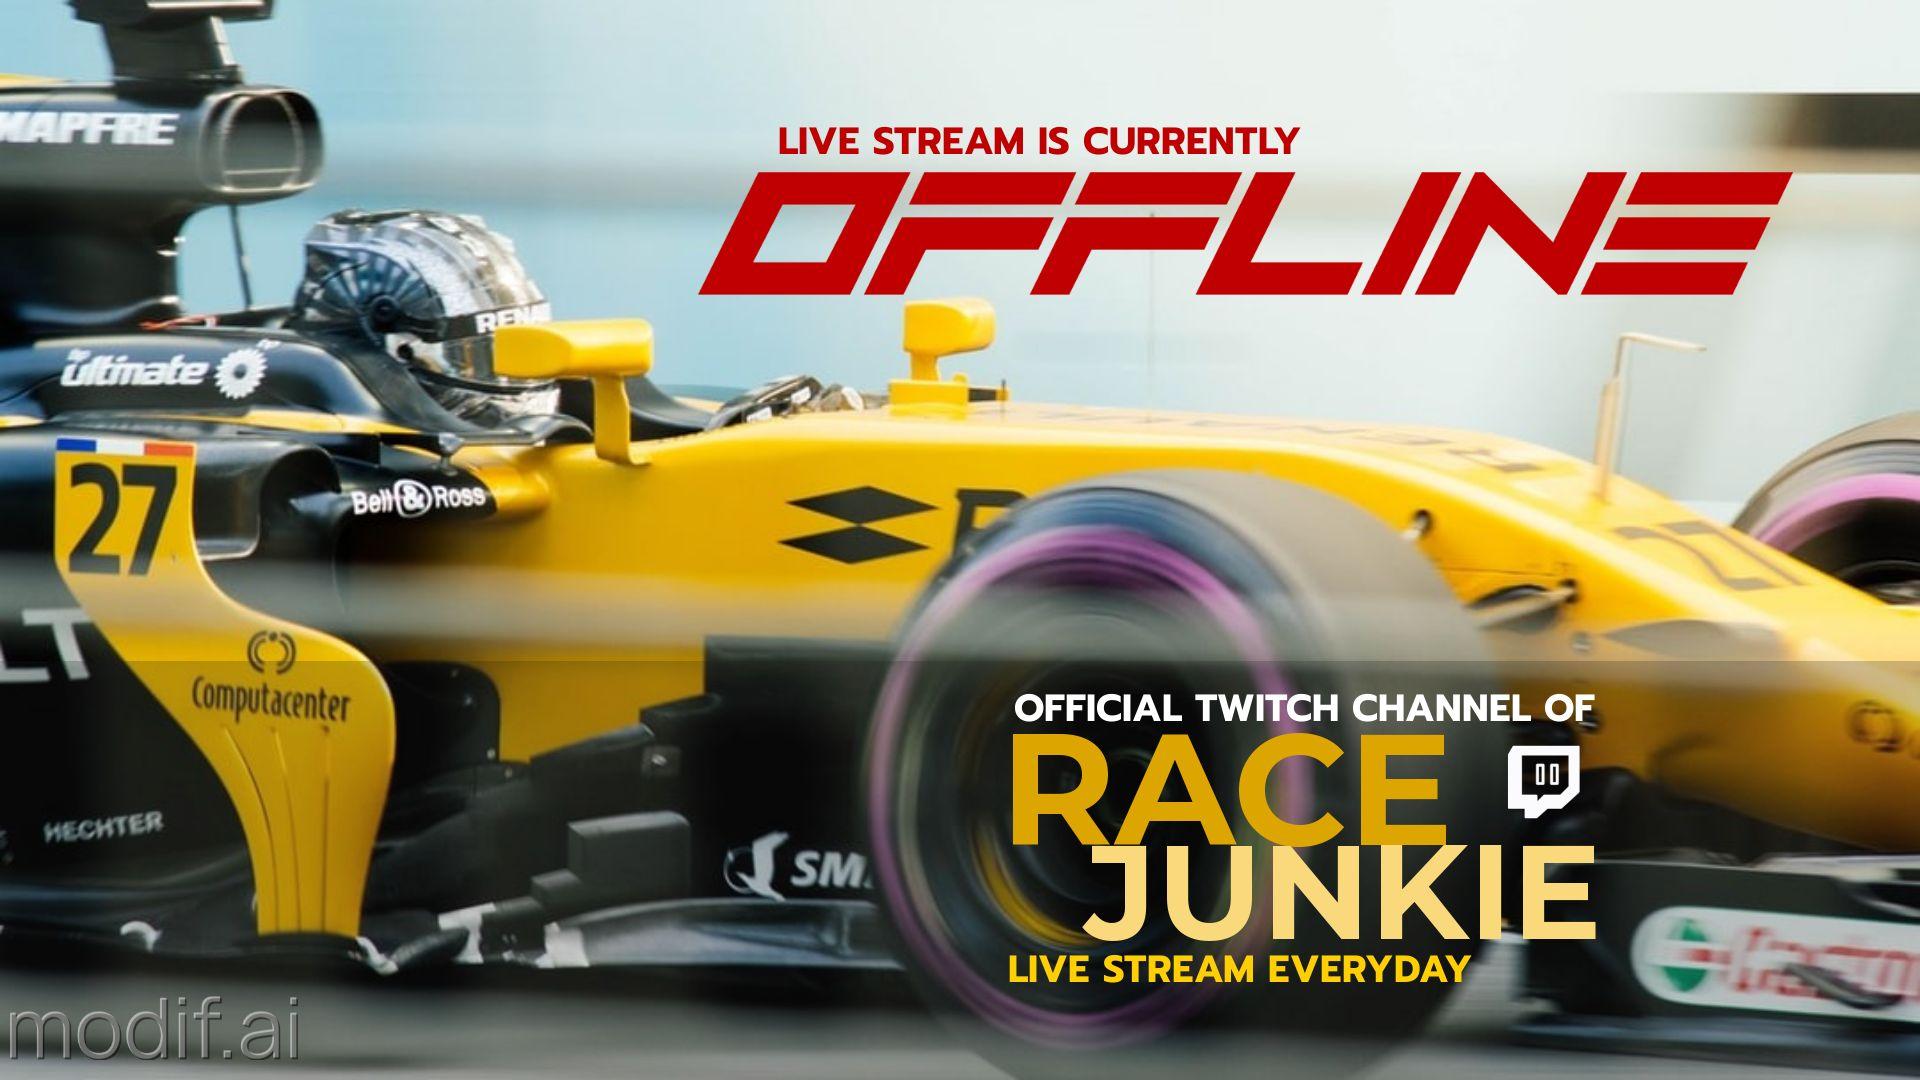 Race Car Themed Twitch Offline Banner Maker